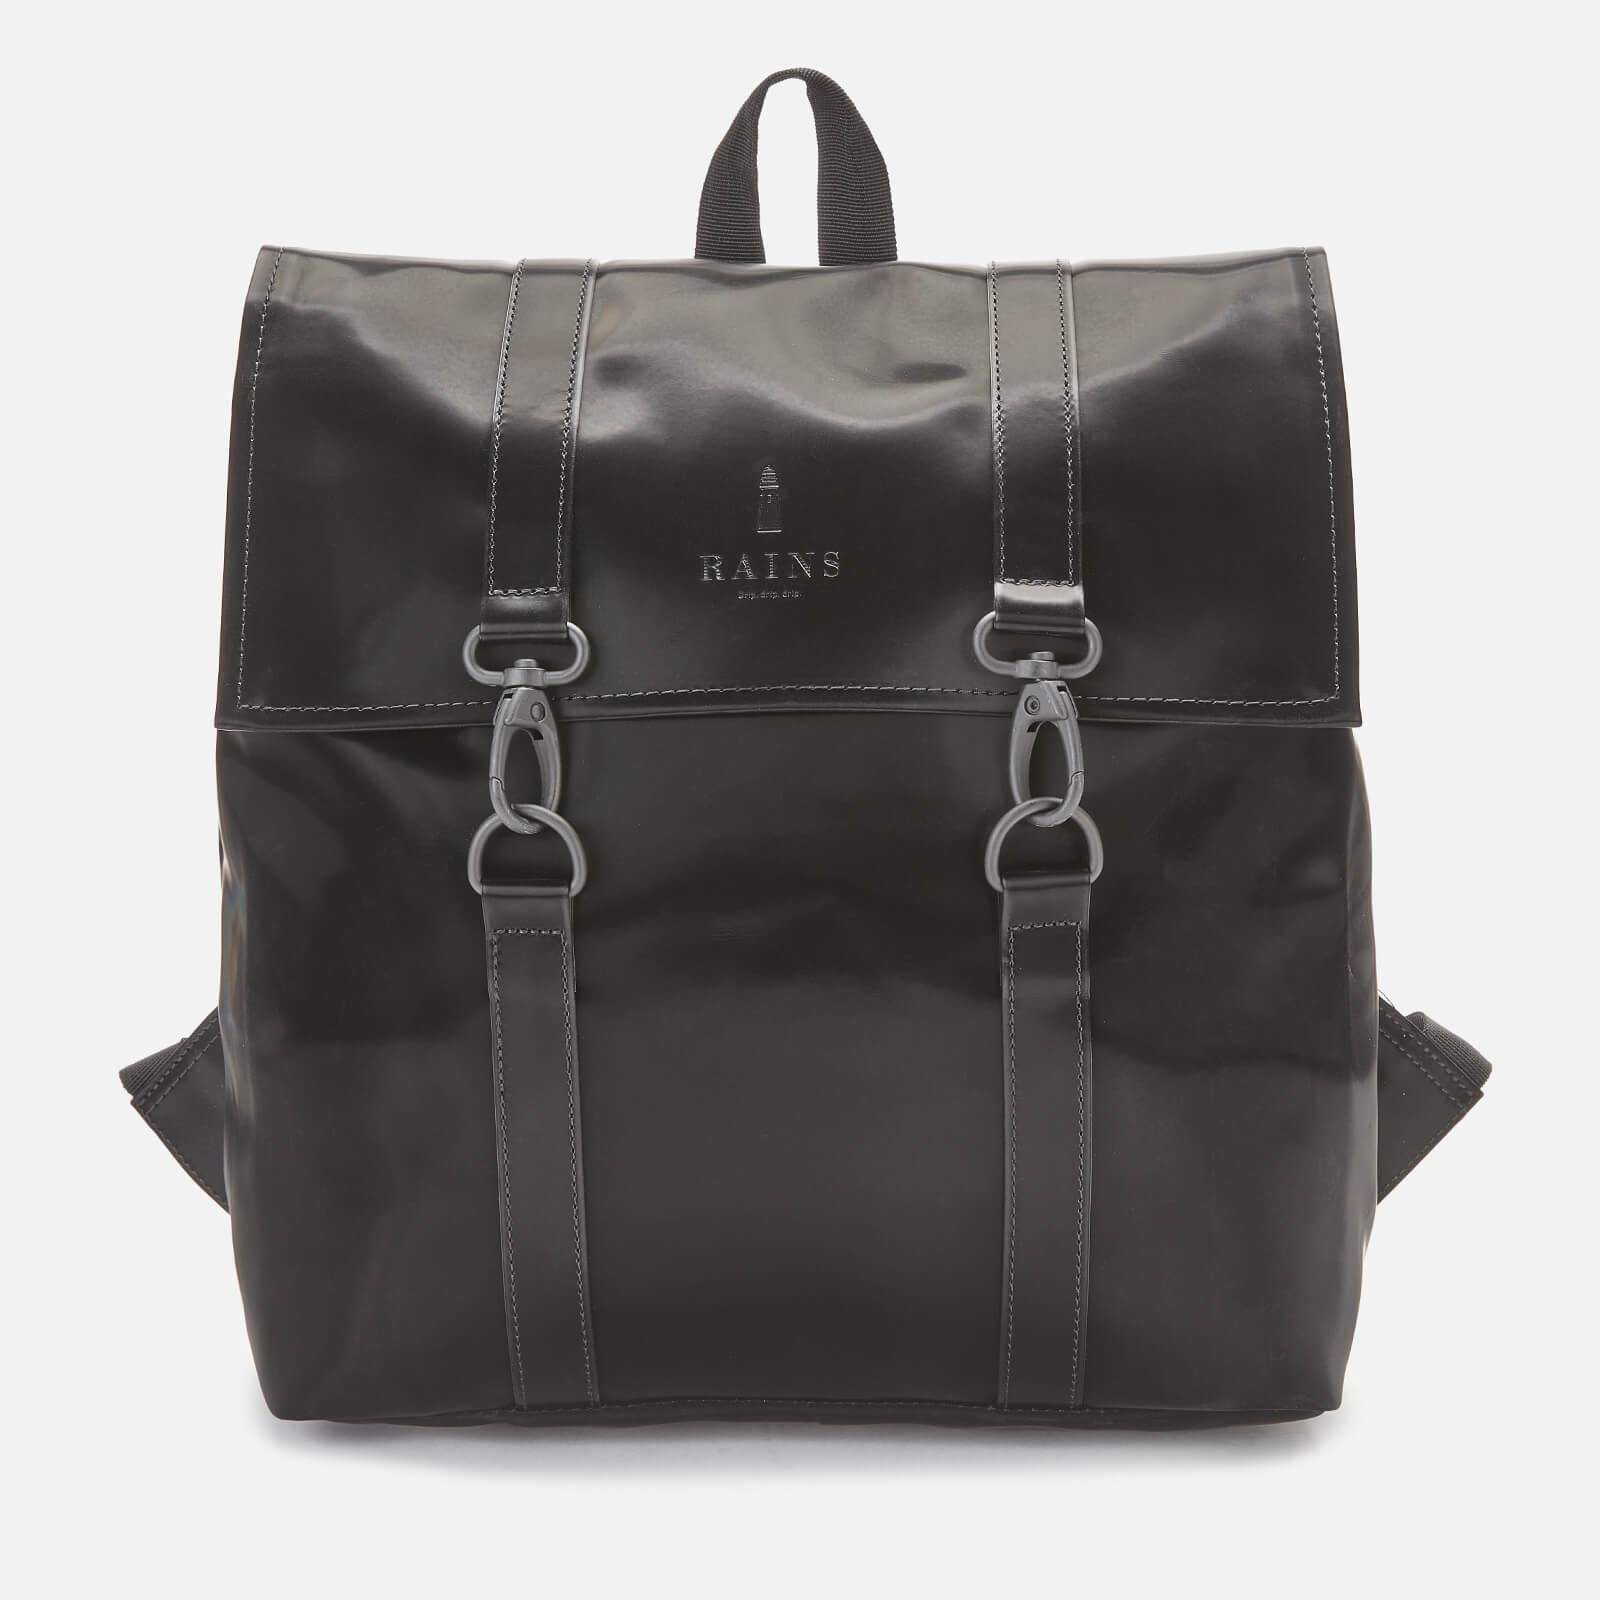 Rains Msn Bag Mini - Velvet Black